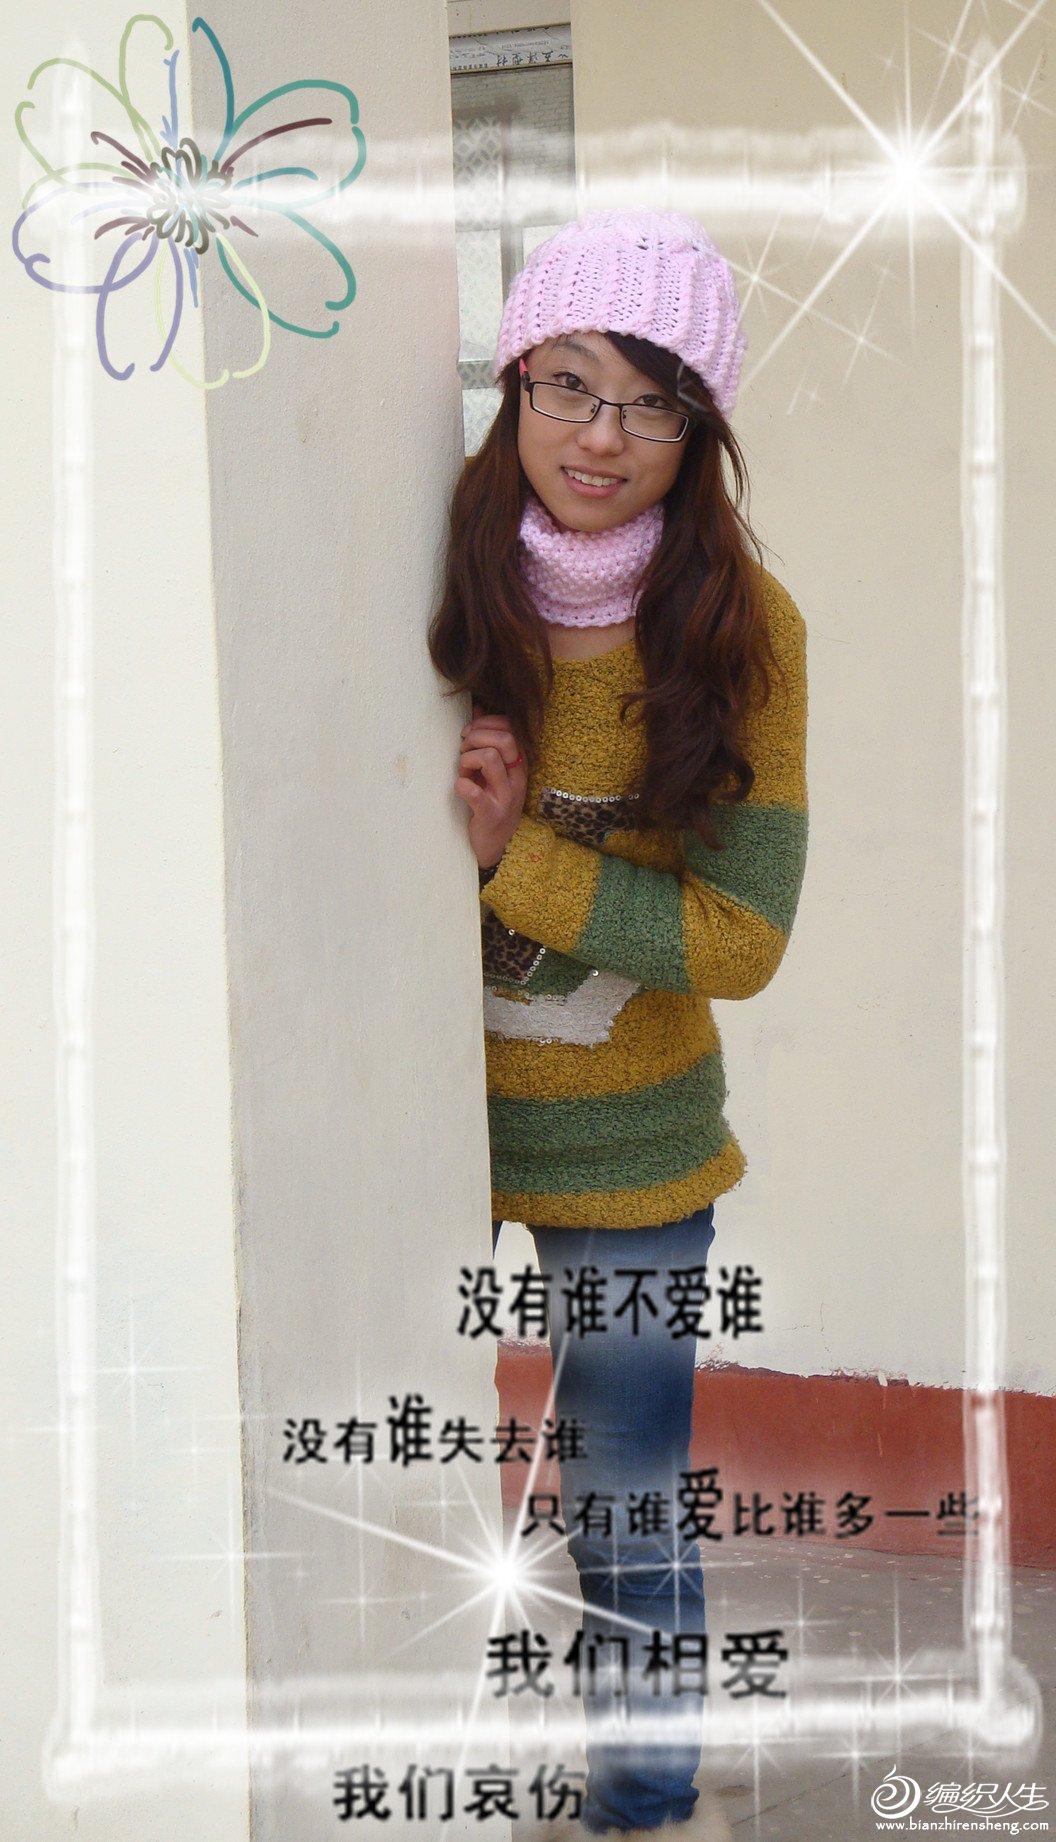 DSC05392_副本.jpg